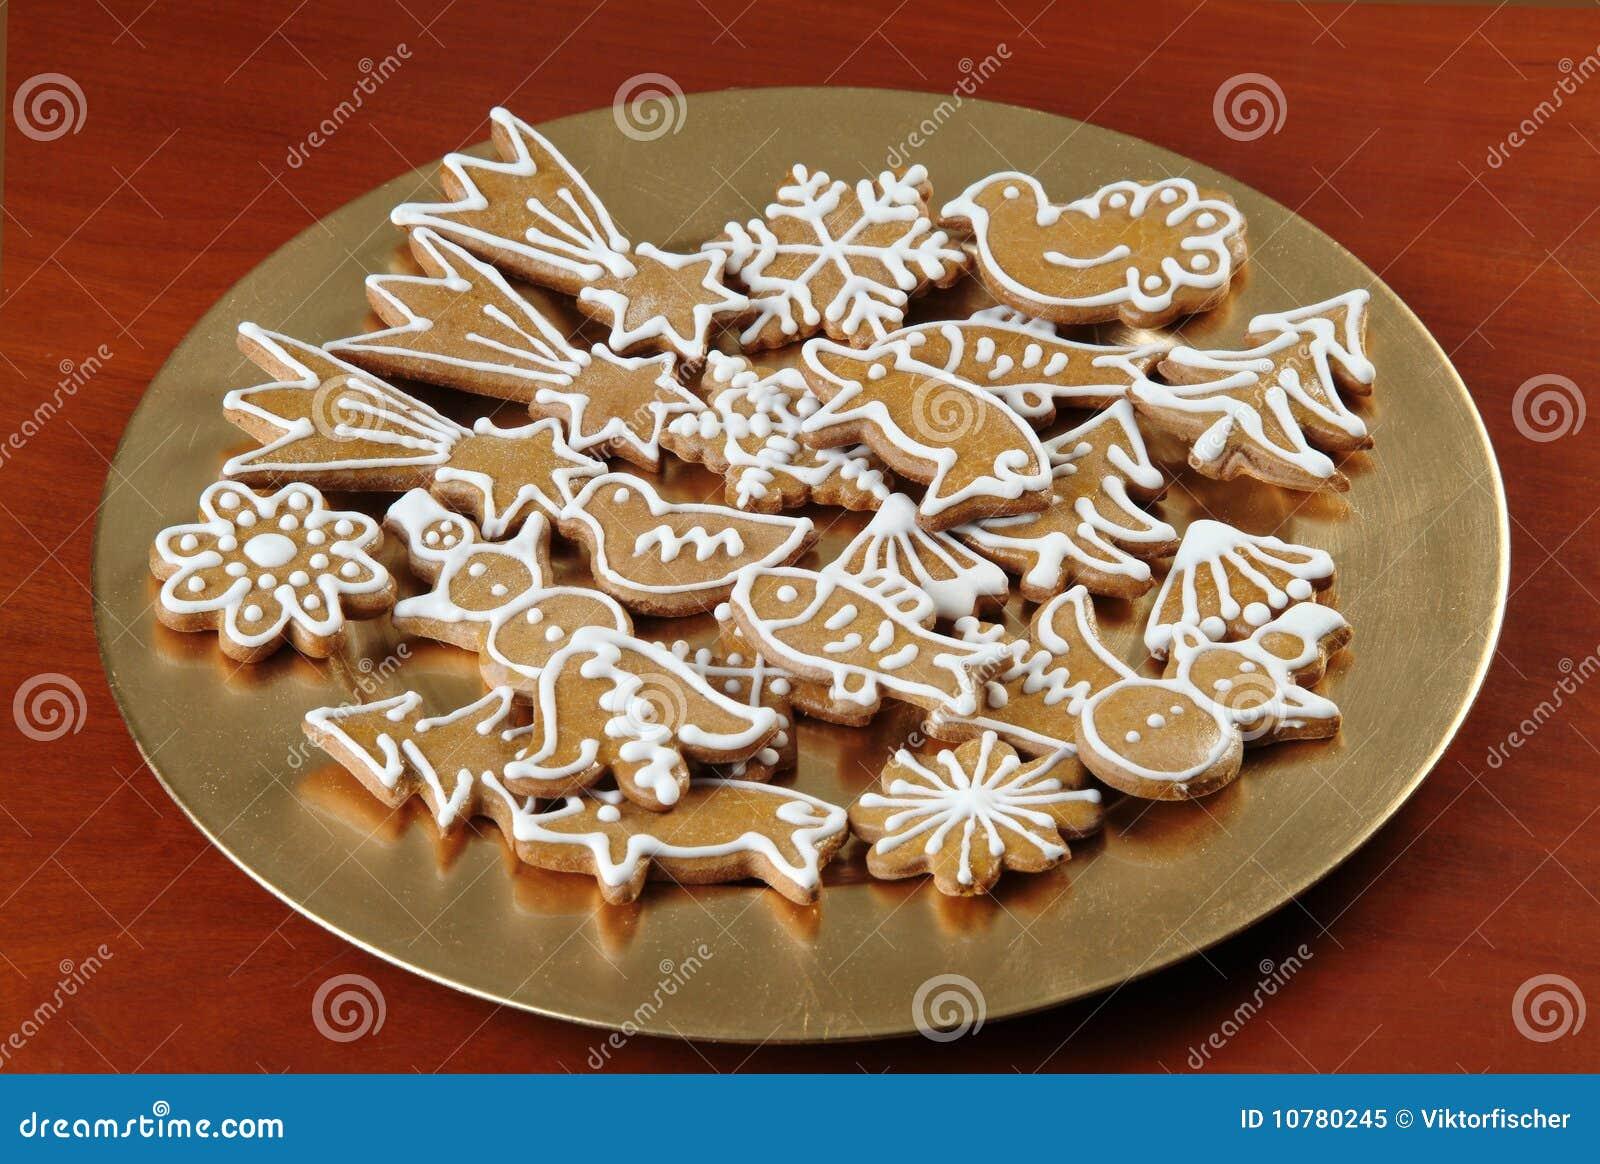 De Koekjes van de Peperkoek van Kerstmis